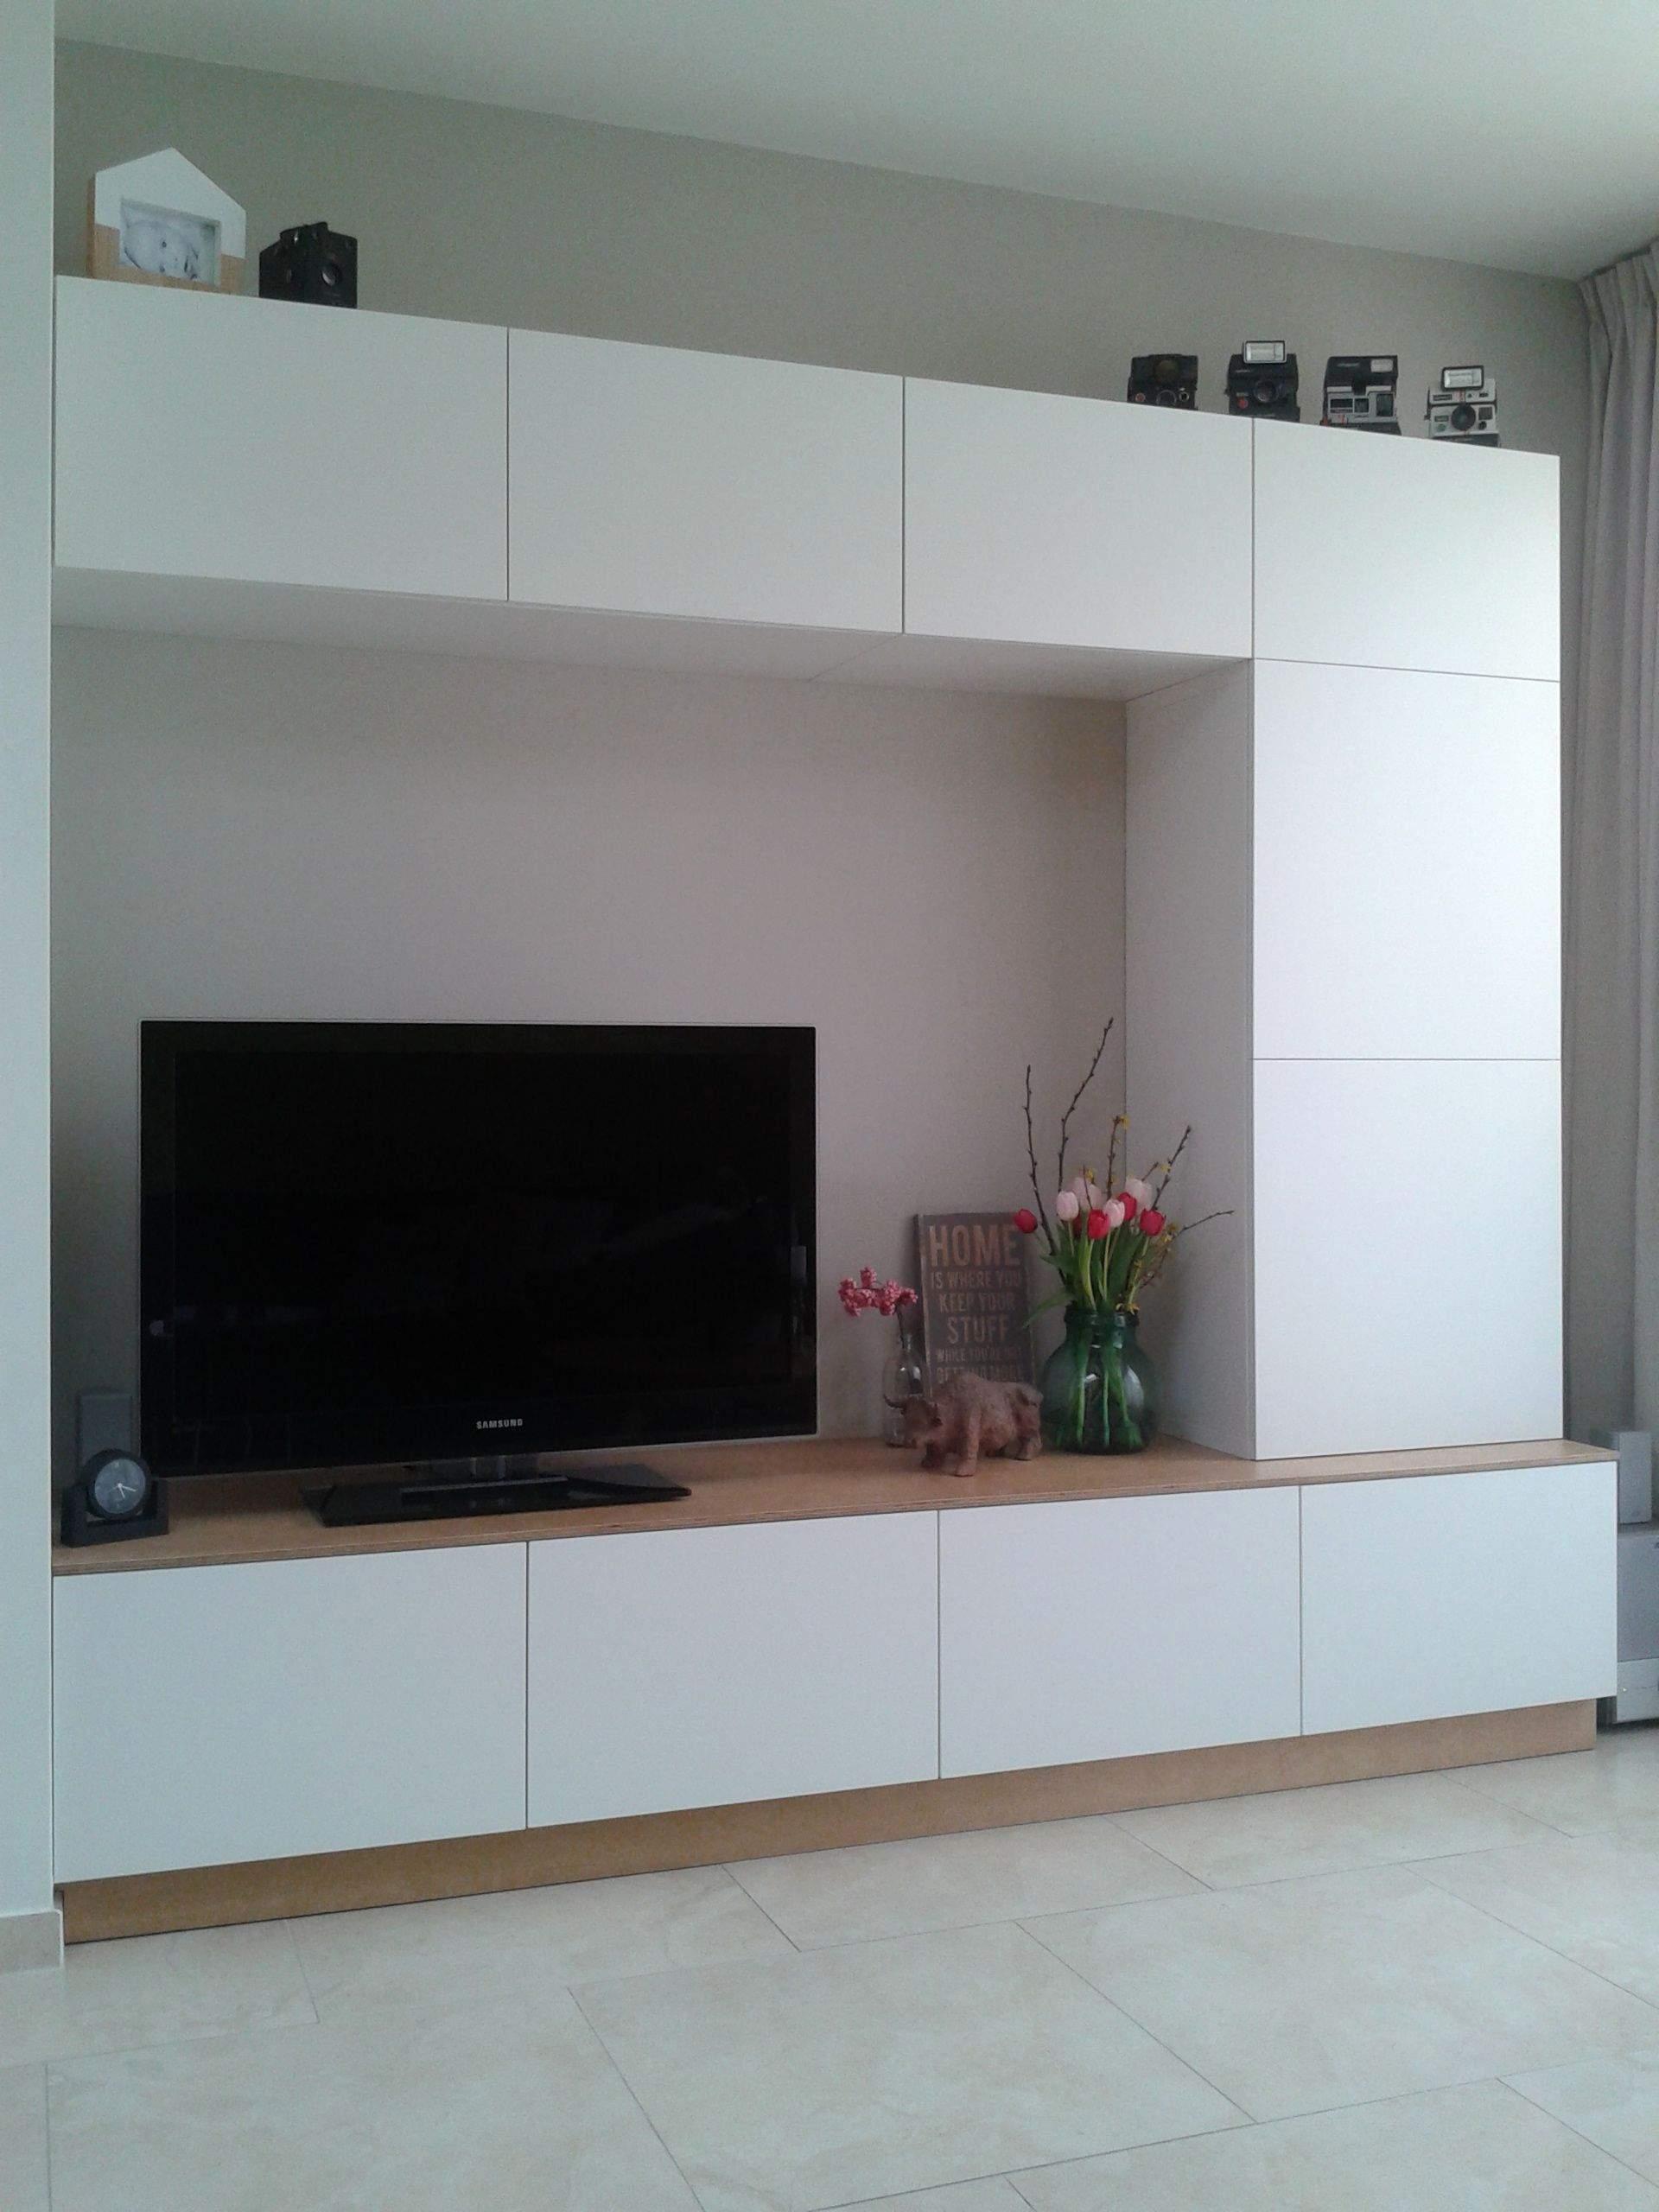 Full Size of Ikea Wohnzimmerschrank Besta Wohnzimmer Luxus Wohnwand Hervorragend Miniküche Betten 160x200 Küche Kosten Modulküche Kaufen Bei Sofa Mit Schlaffunktion Wohnzimmer Ikea Wohnzimmerschrank